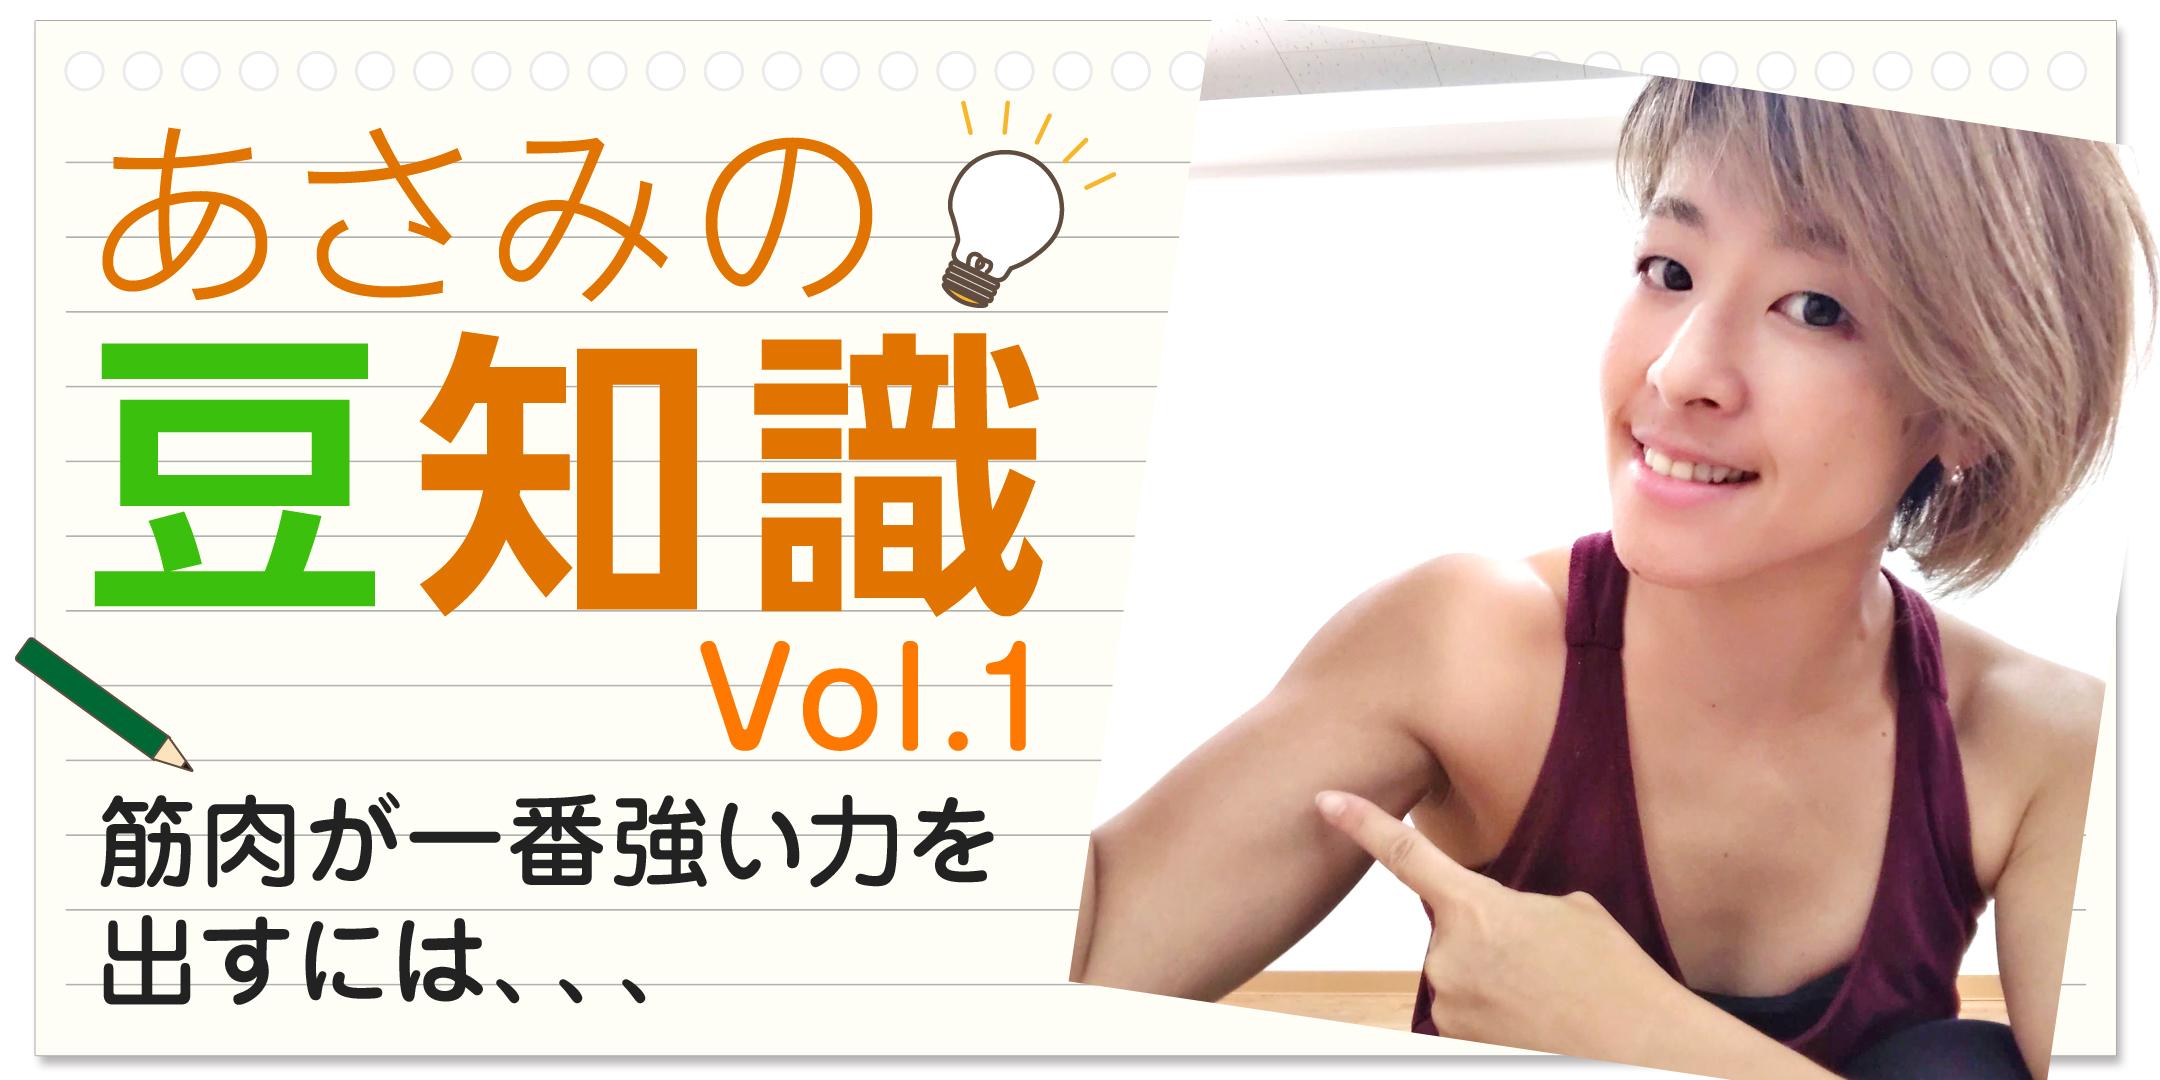 あさみの豆知識Vol.1